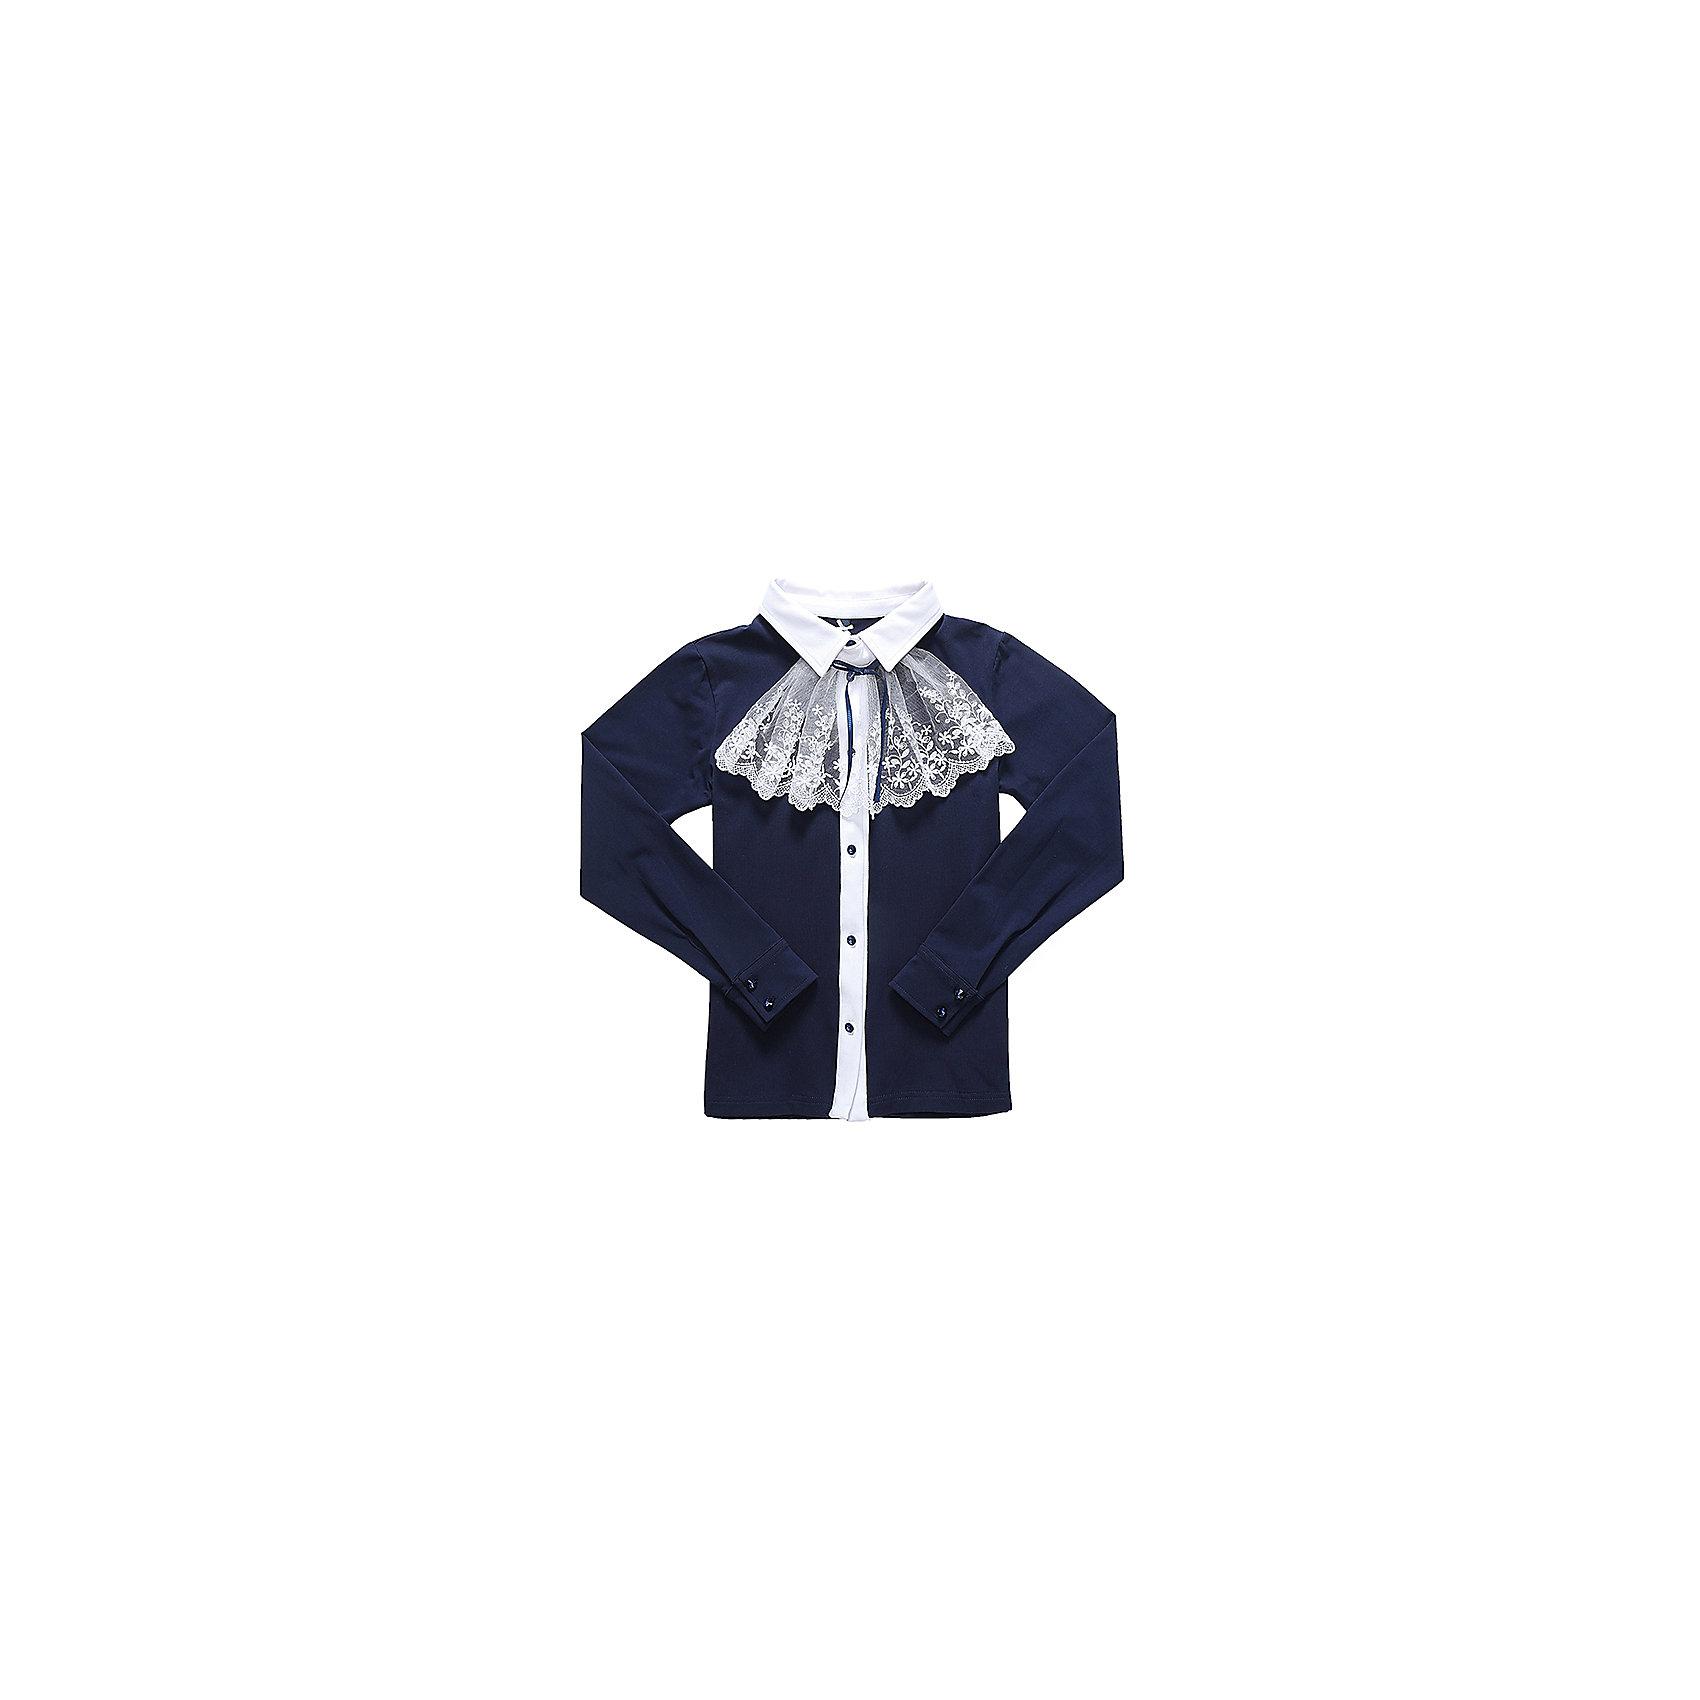 Блузка для девочки LuminosoБлузки и рубашки<br>Характеристики товара:<br><br>• цвет: темно-синий;<br>• состав: 95% хлопок, 5% эластан;<br>• сезон: демисезон;<br>• особенности: школьная, с жабо;<br>• застежка: пуговицы;<br>• с длинным рукавом;<br>• съемный воротник-жабо;<br>• трикотажные манжеты на пуговицах;<br>• страна бренда: Россия;<br>• страна производства: Китай.<br><br>Школьная блузка с длинным рукавом для девочки. Темно-синяя трикотажная блузка застегивается на пуговицы. Блузка декорирована съемным воротником-жабо контрастного белого цвета. <br><br>Блузка для девочки Luminoso (Люминосо) можно купить в нашем интернет-магазине.<br><br>Ширина мм: 186<br>Глубина мм: 87<br>Высота мм: 198<br>Вес г: 197<br>Цвет: синий<br>Возраст от месяцев: 156<br>Возраст до месяцев: 168<br>Пол: Женский<br>Возраст: Детский<br>Размер: 164,122,128,134,140,146,152,158<br>SKU: 6672986